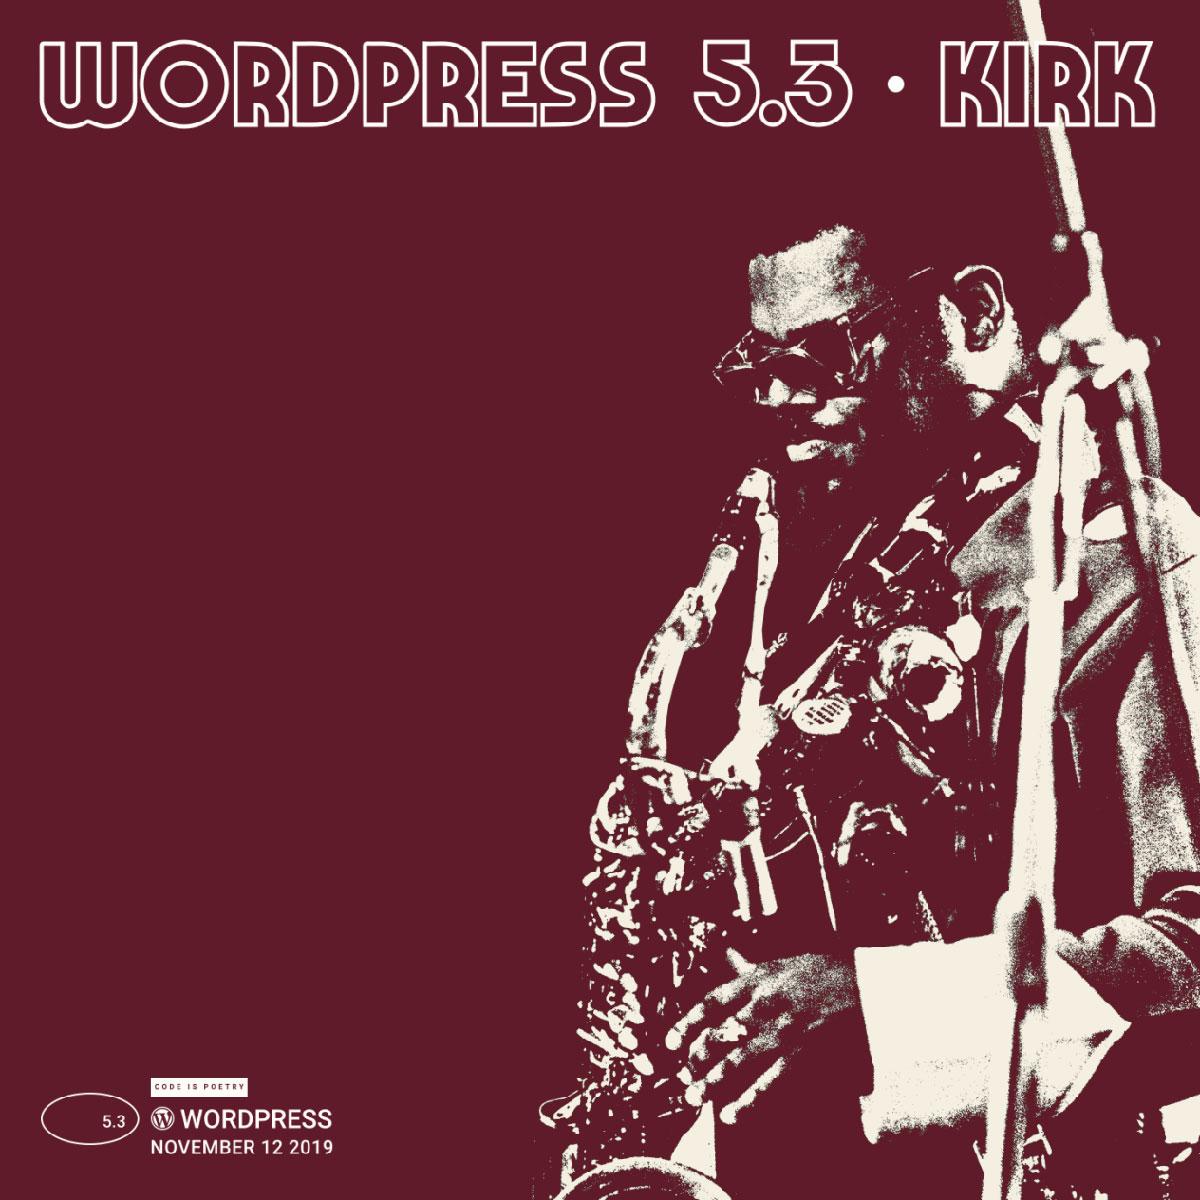 wordpress trends 2020 design trends block design layouts wordpress kirk 5.3